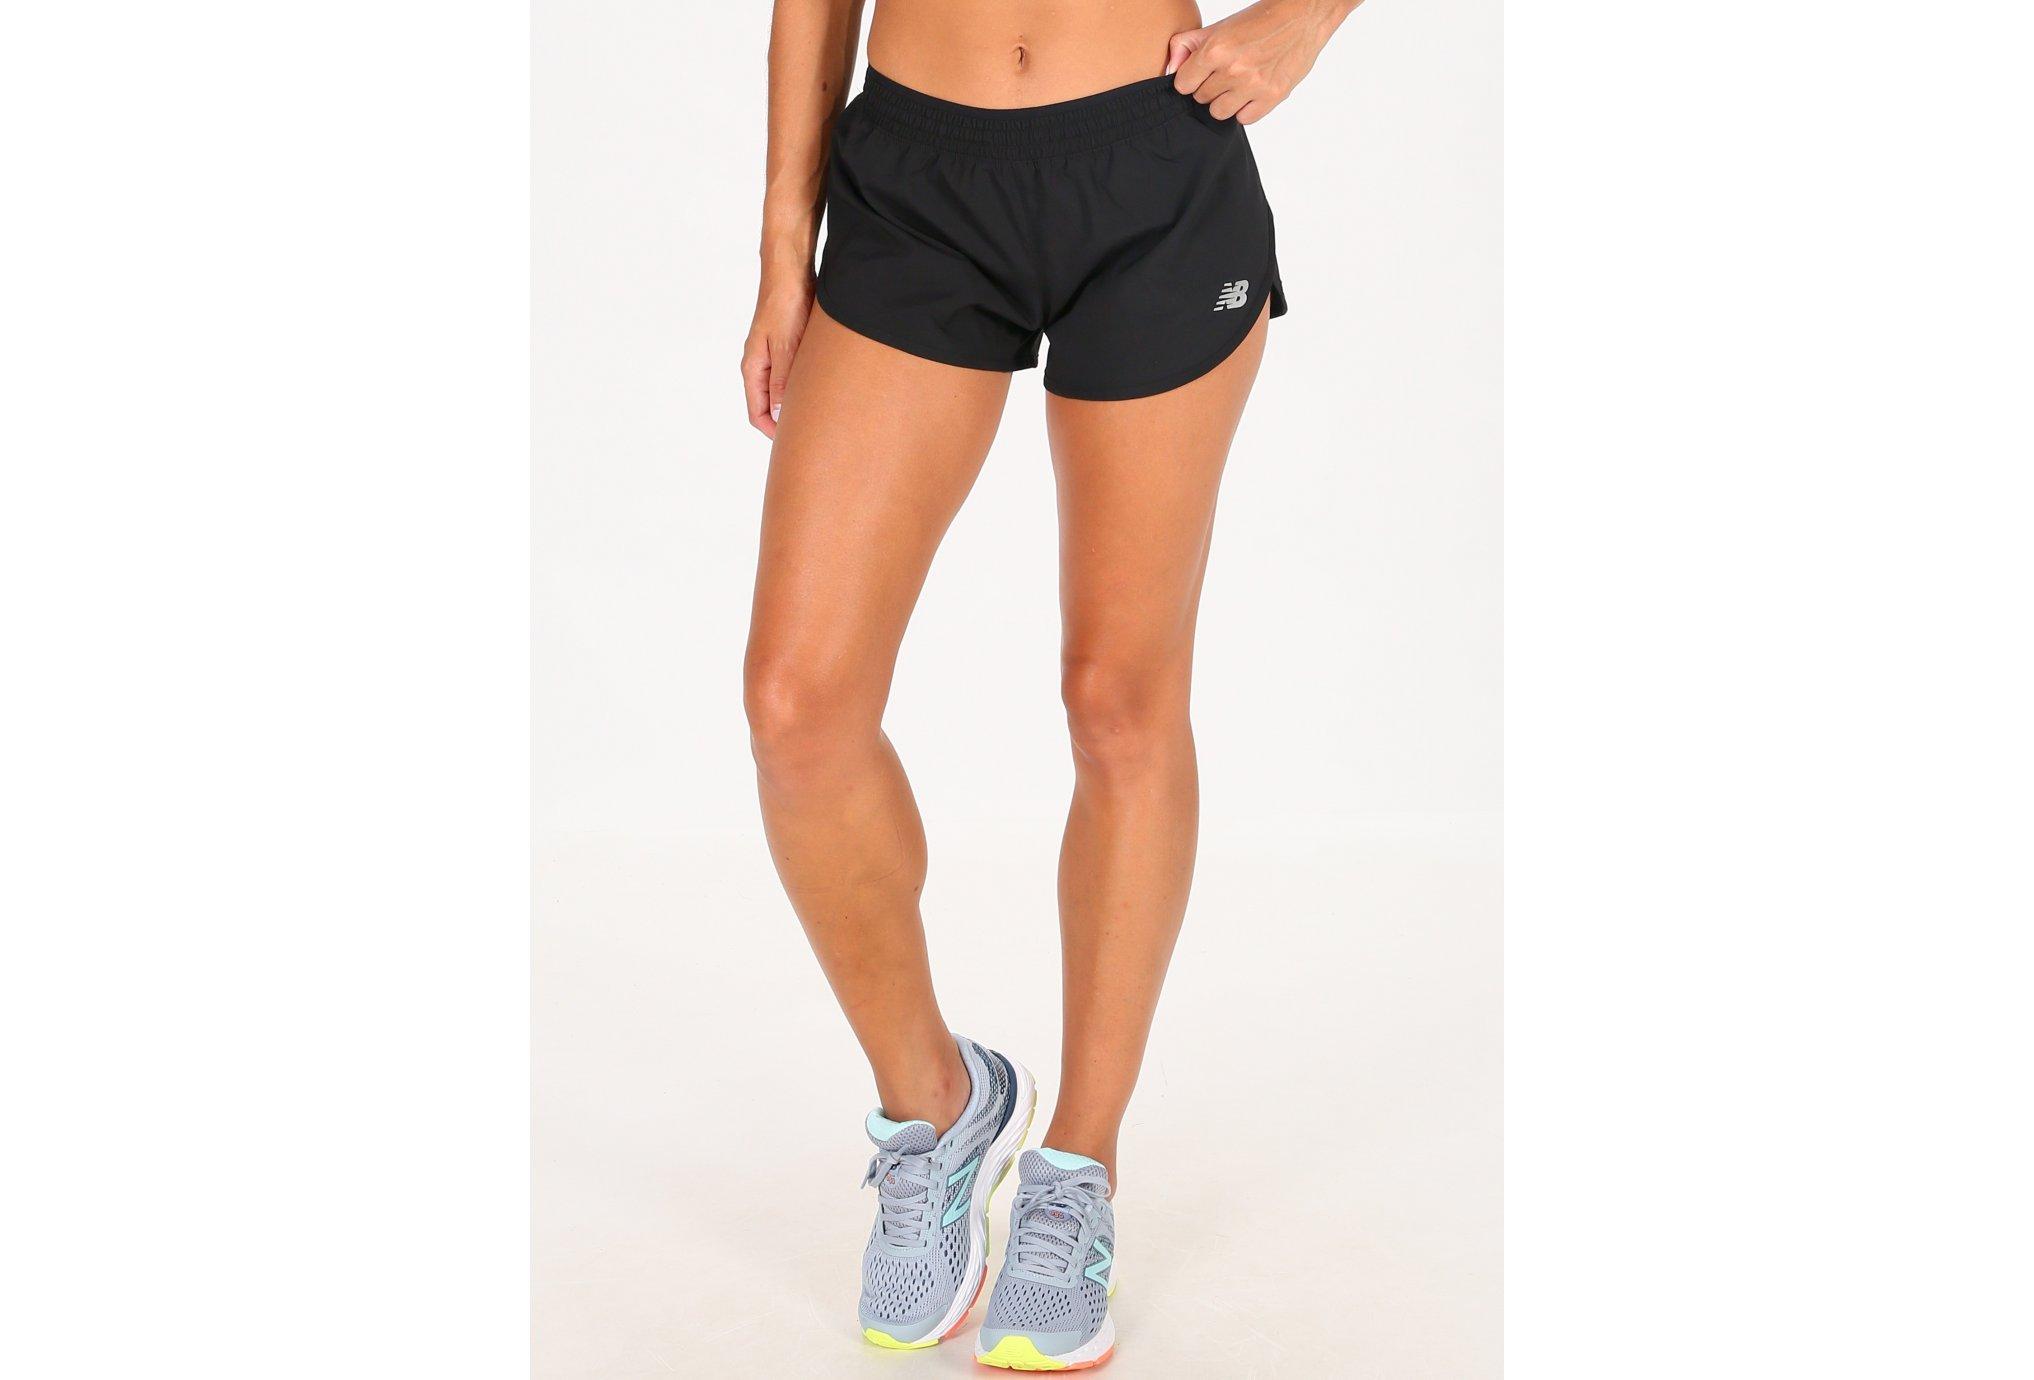 New Balance Accelerate 2.5 W Diététique Vêtements femme